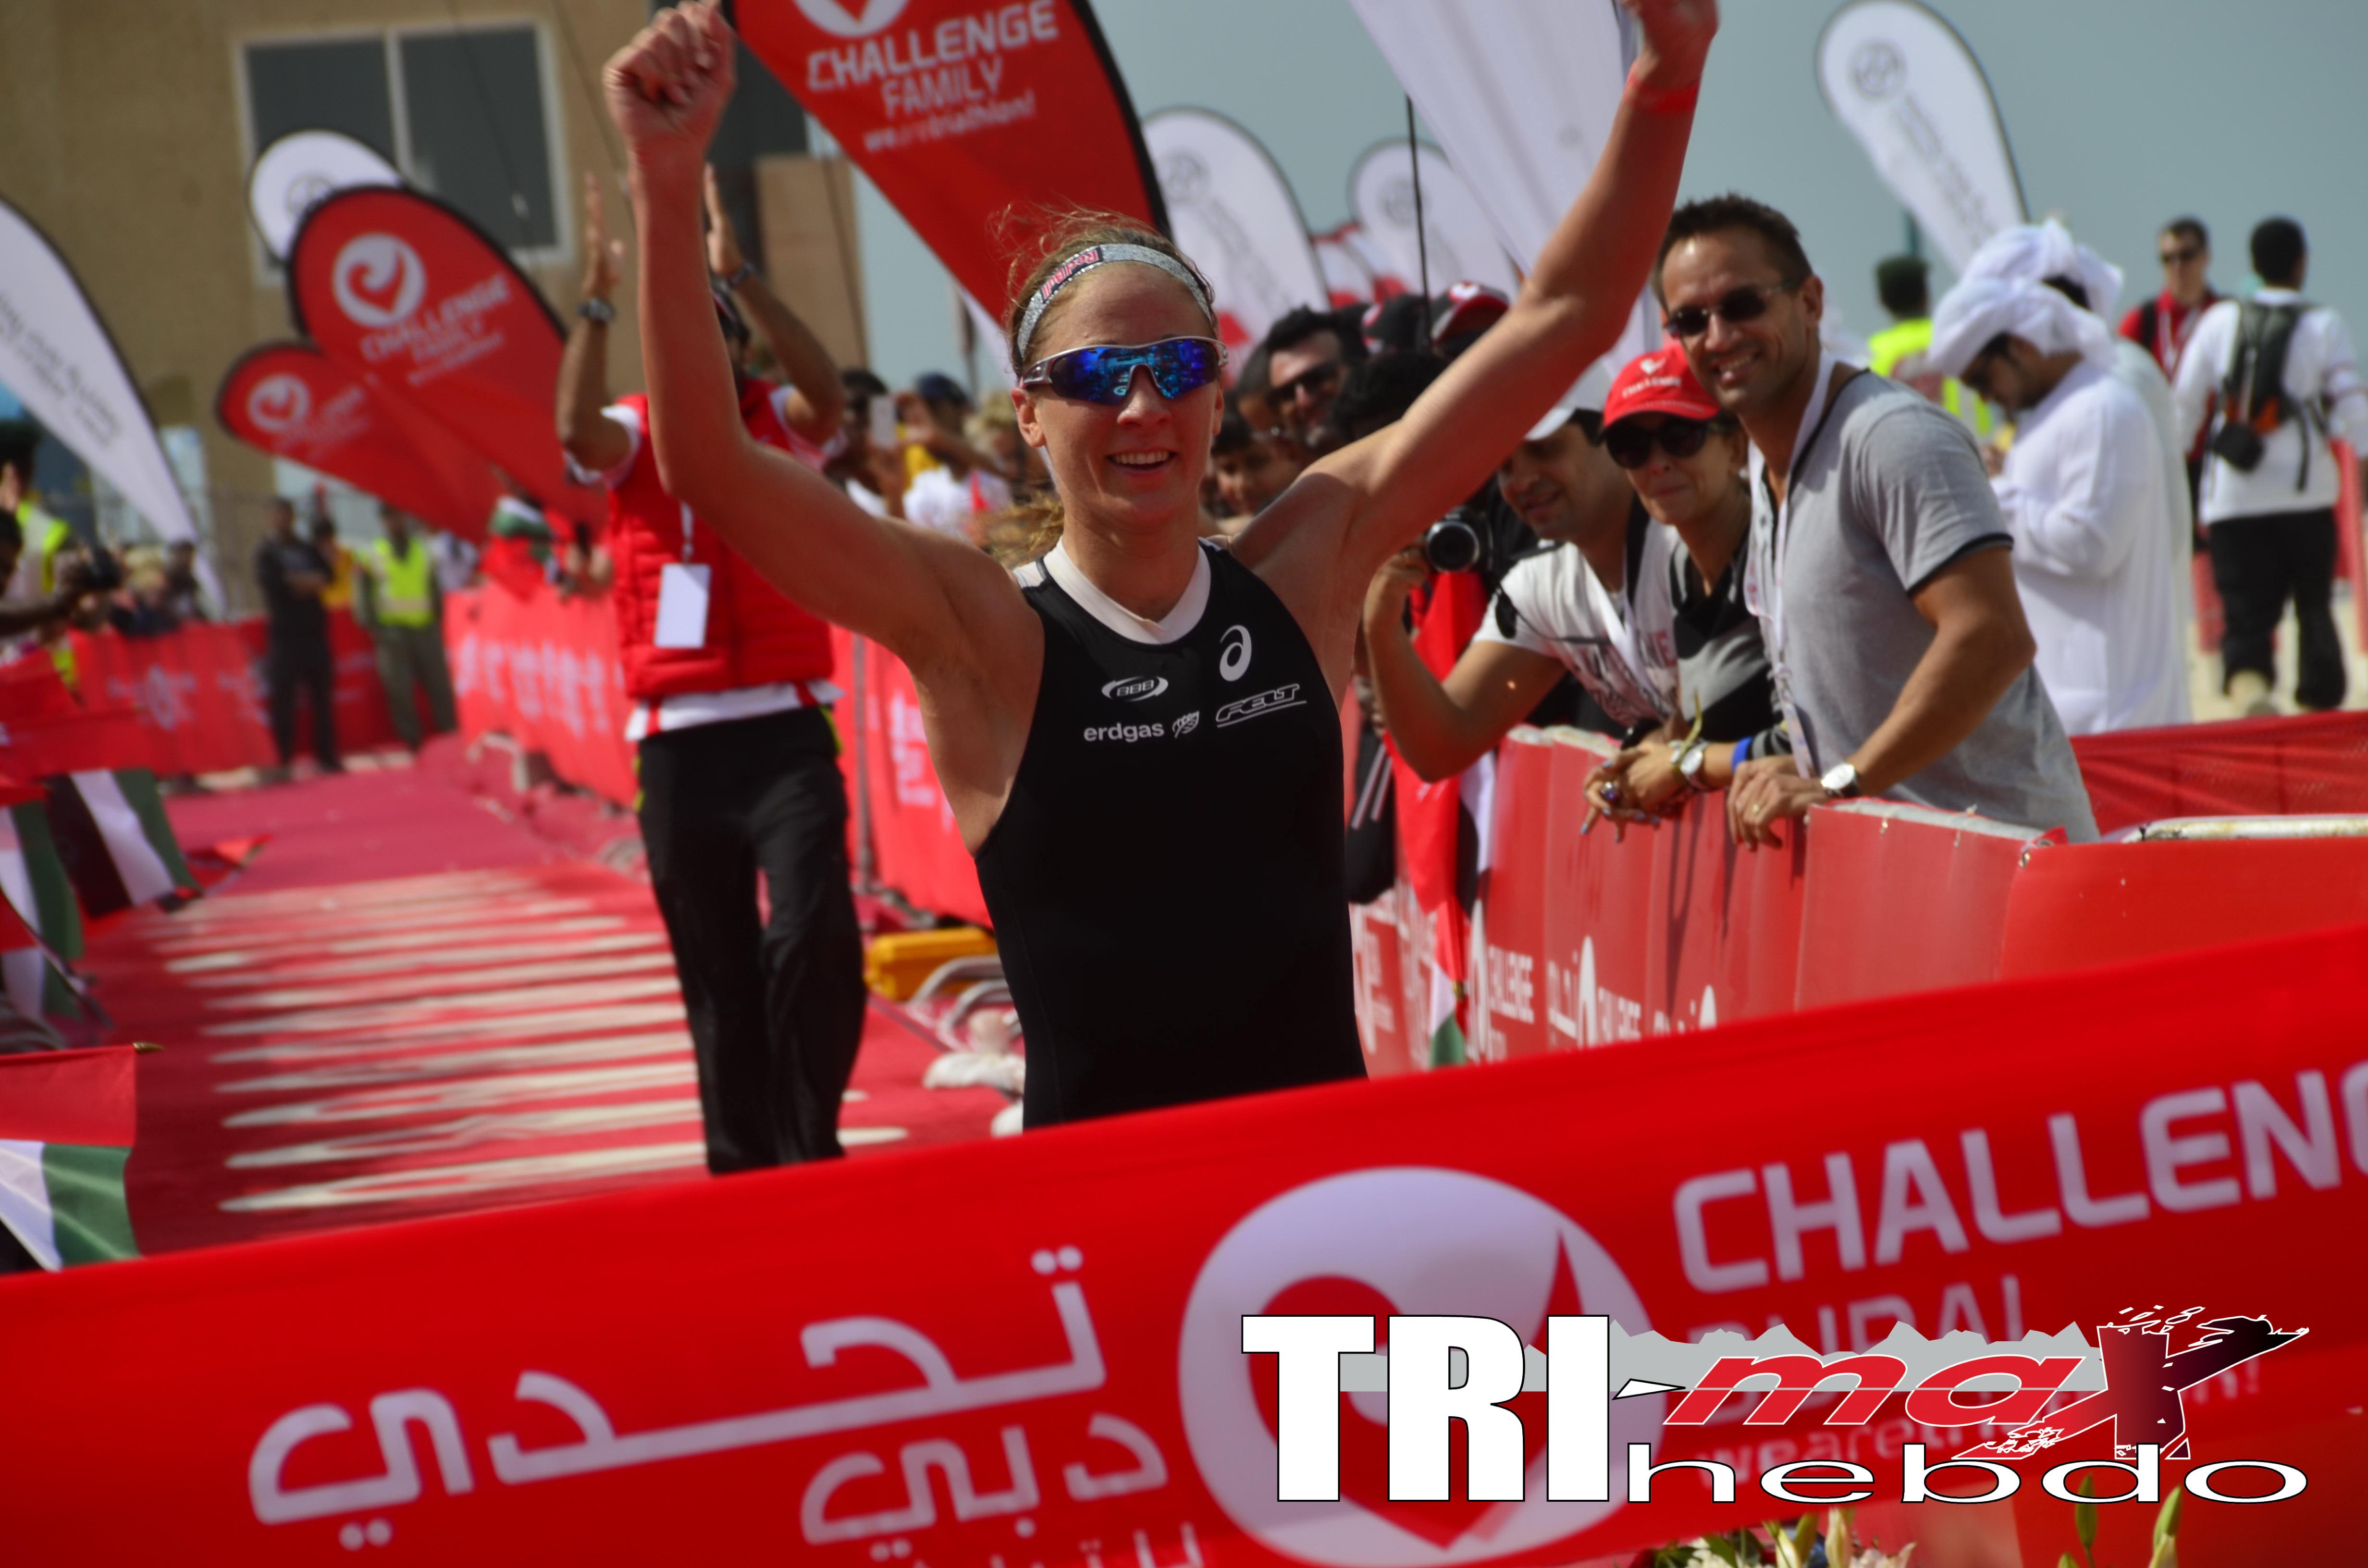 Challenge Dubaï: Résultats, 5 athlètes déclassés